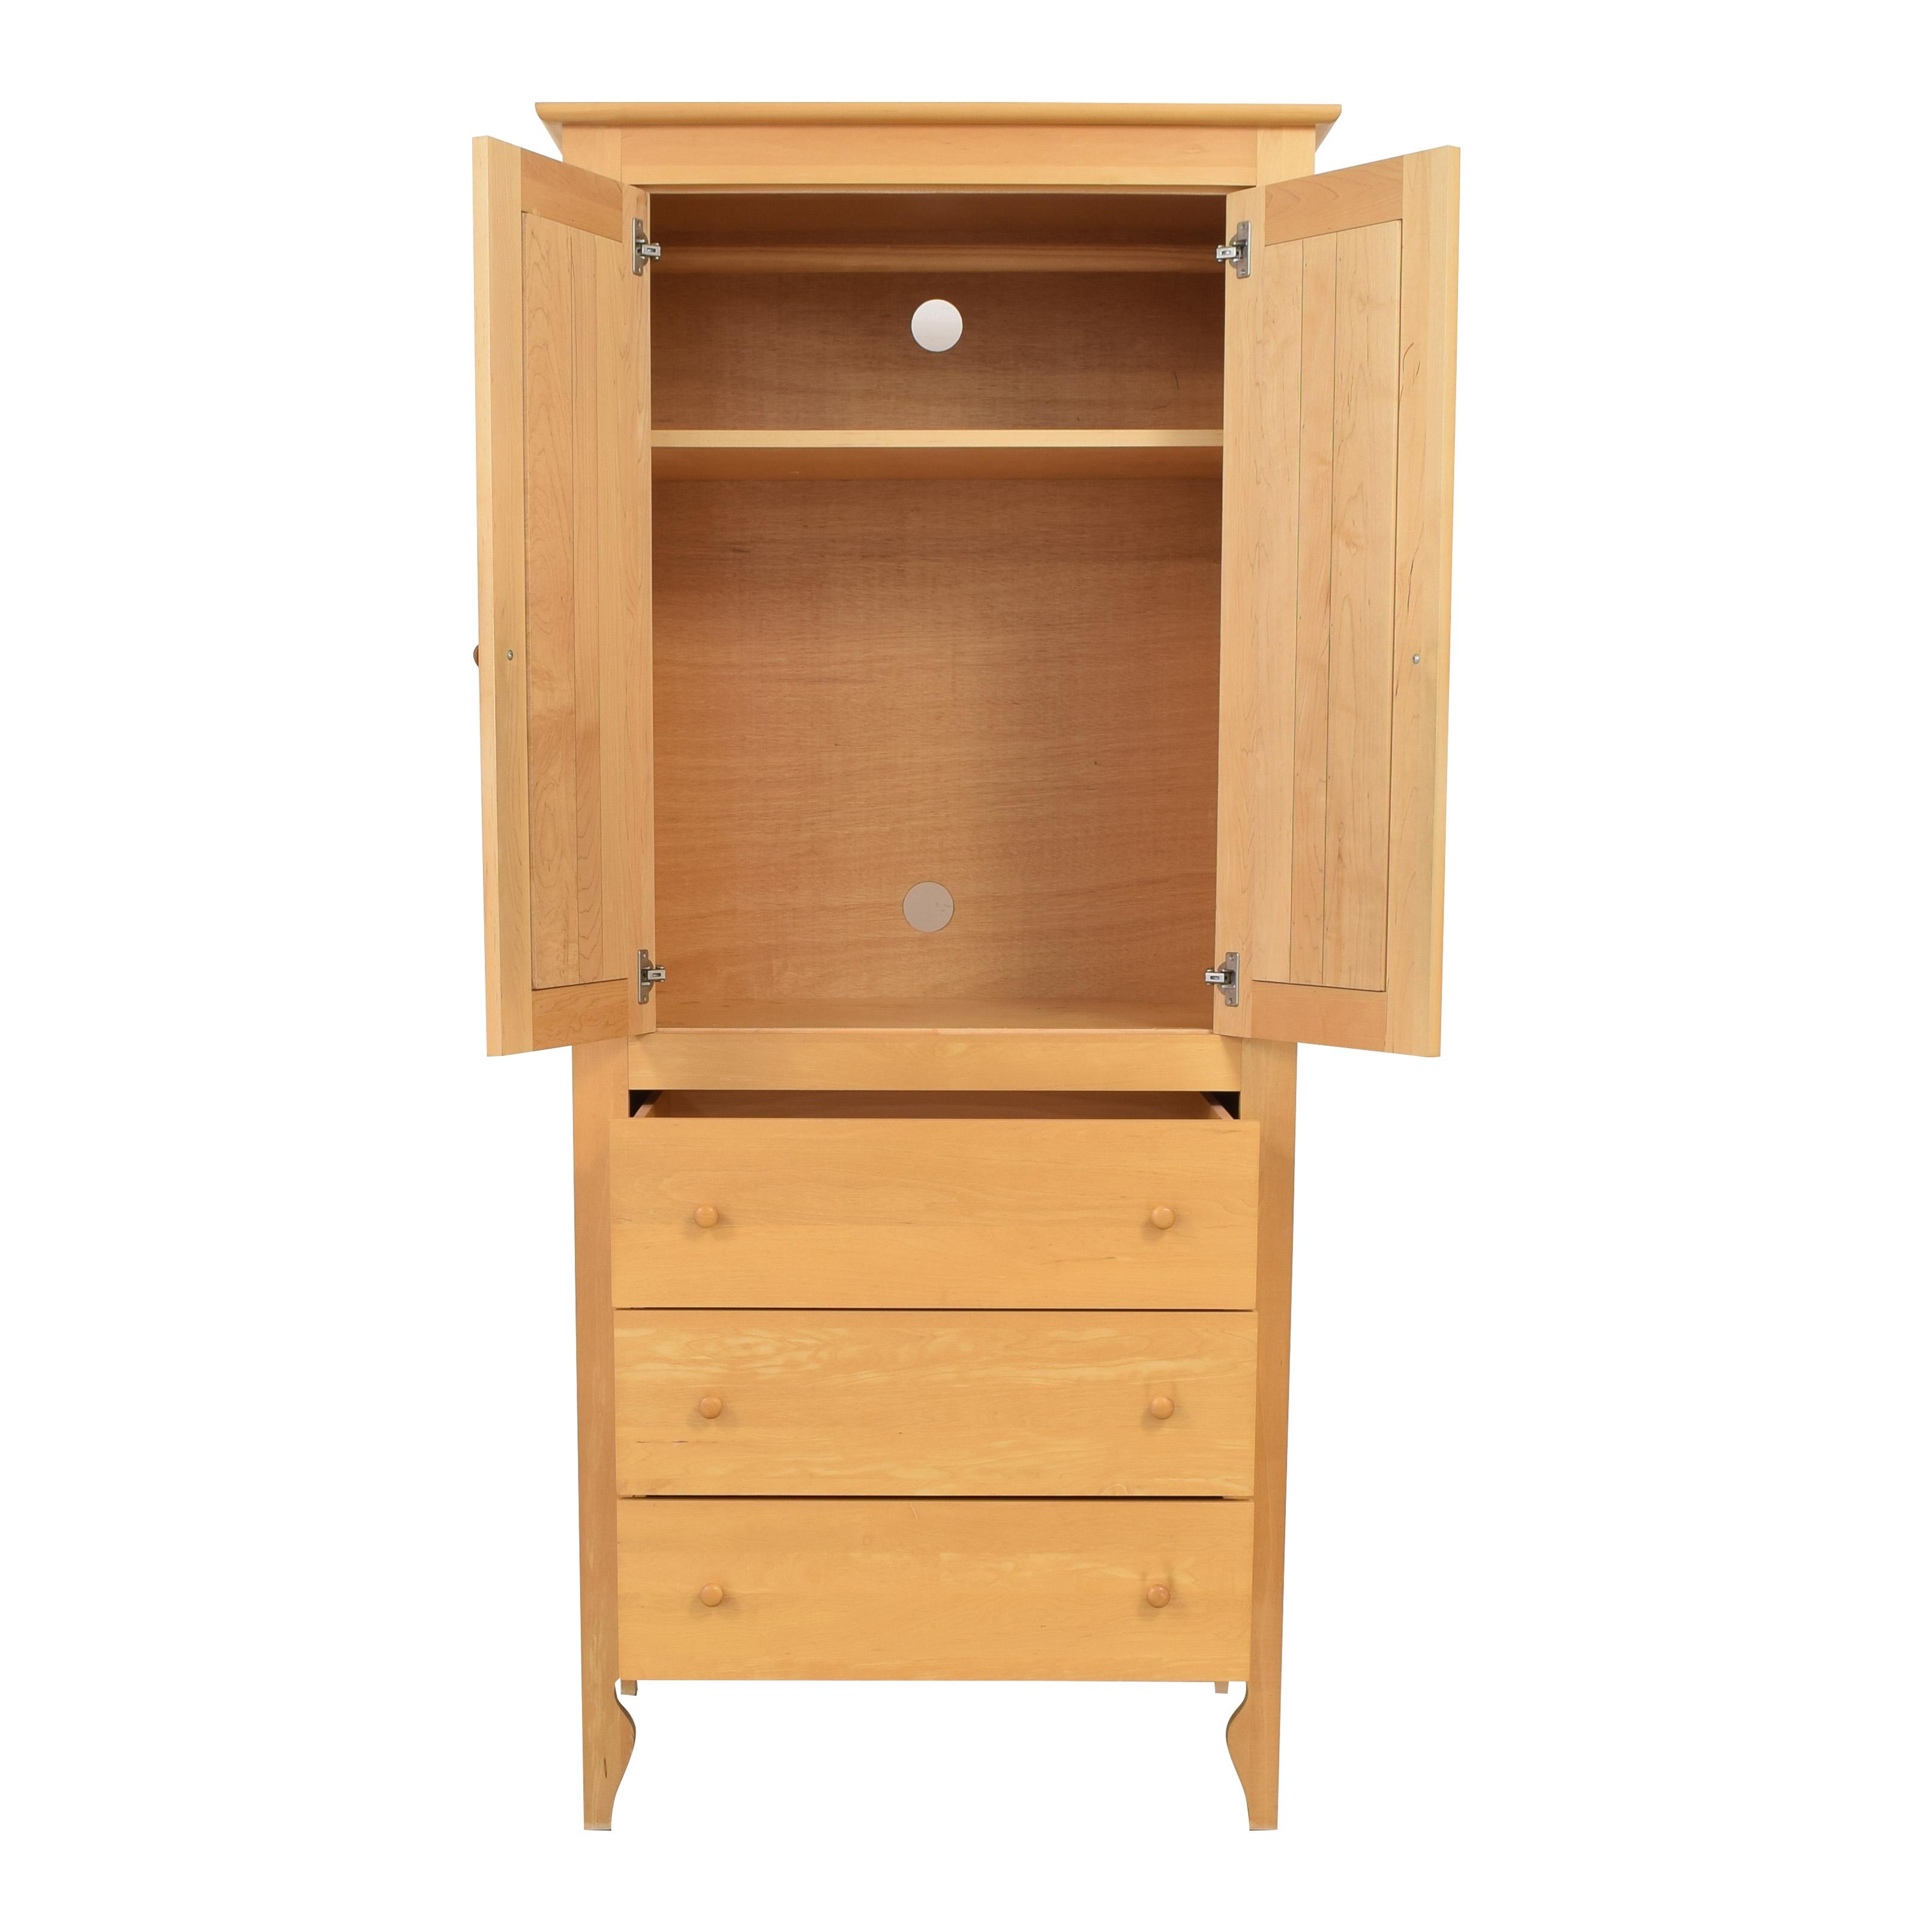 buy Crate & Barrel Bedroom Armoire Crate & Barrel Storage